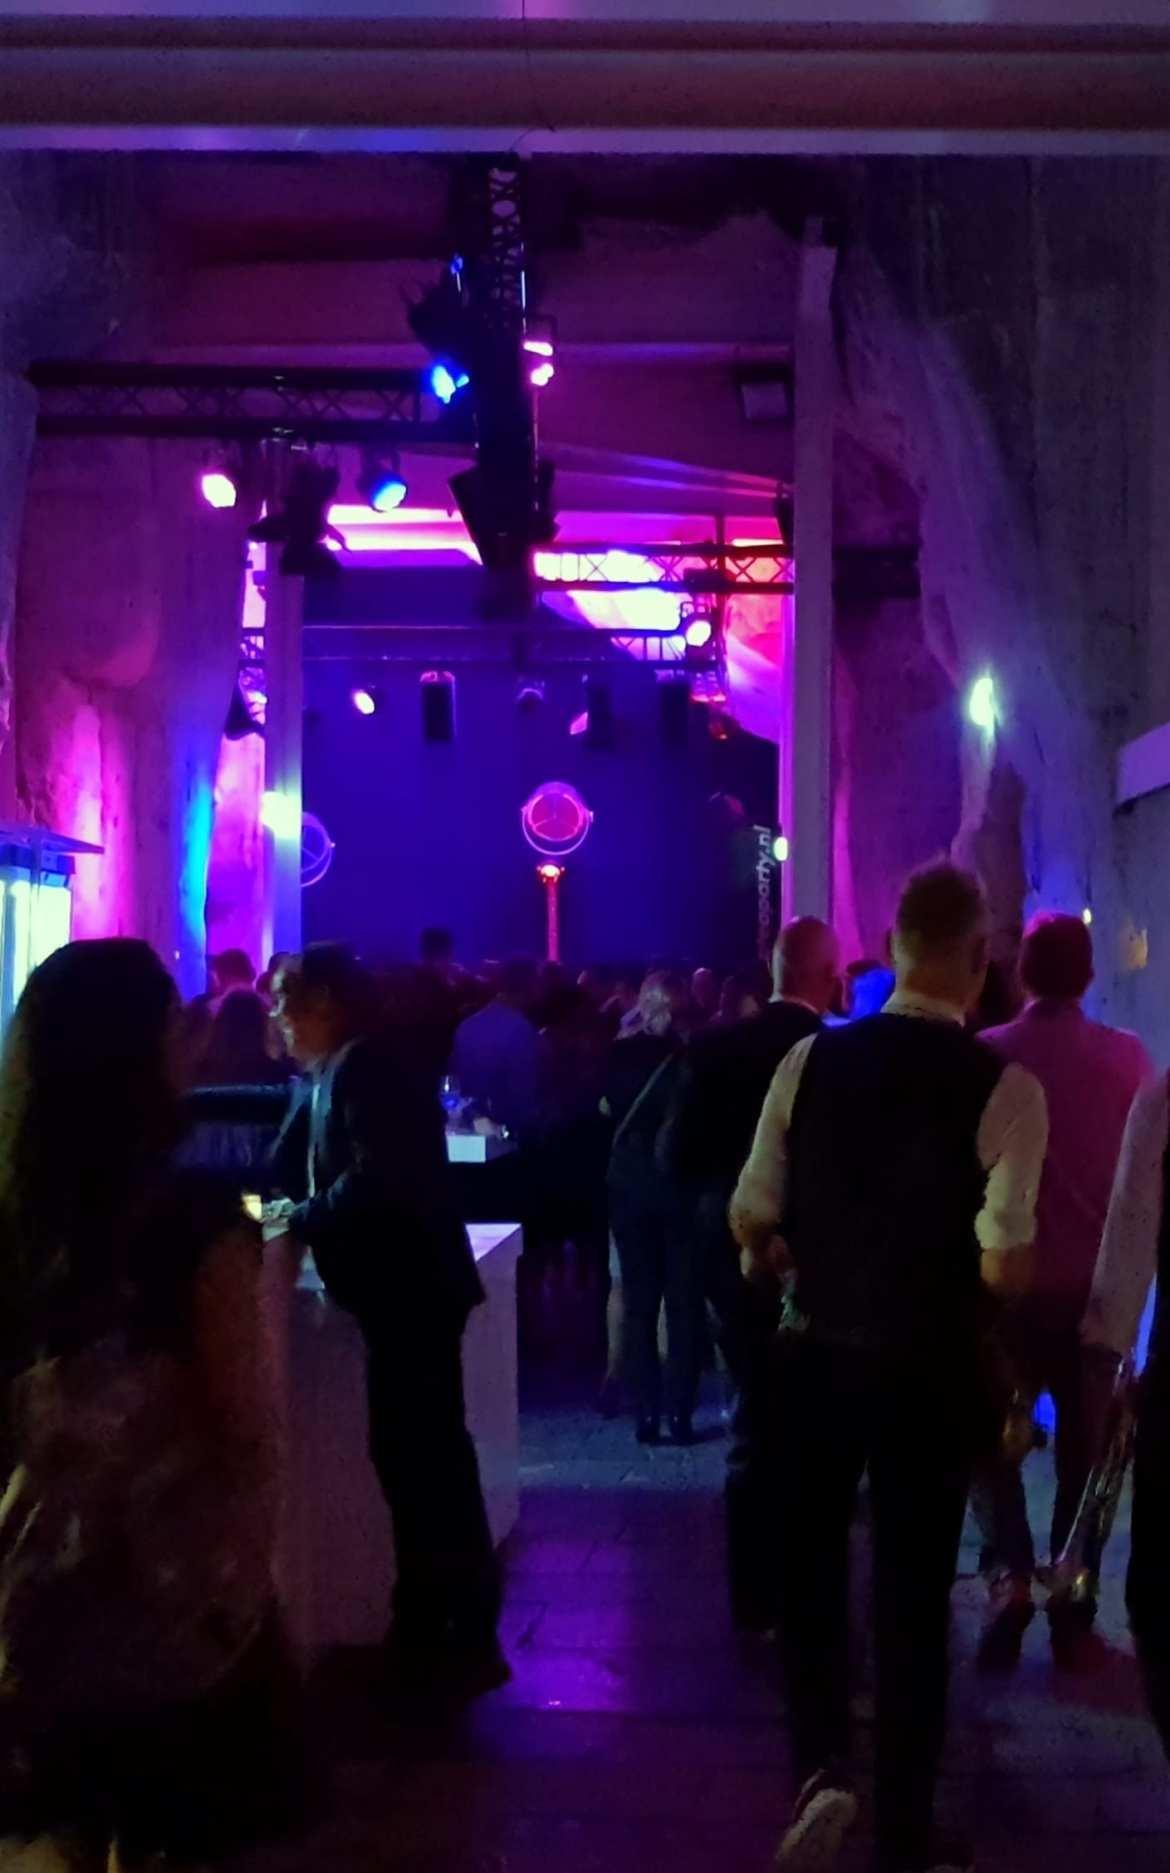 Château Neercanne Maastricht feest in de Mergelgrot